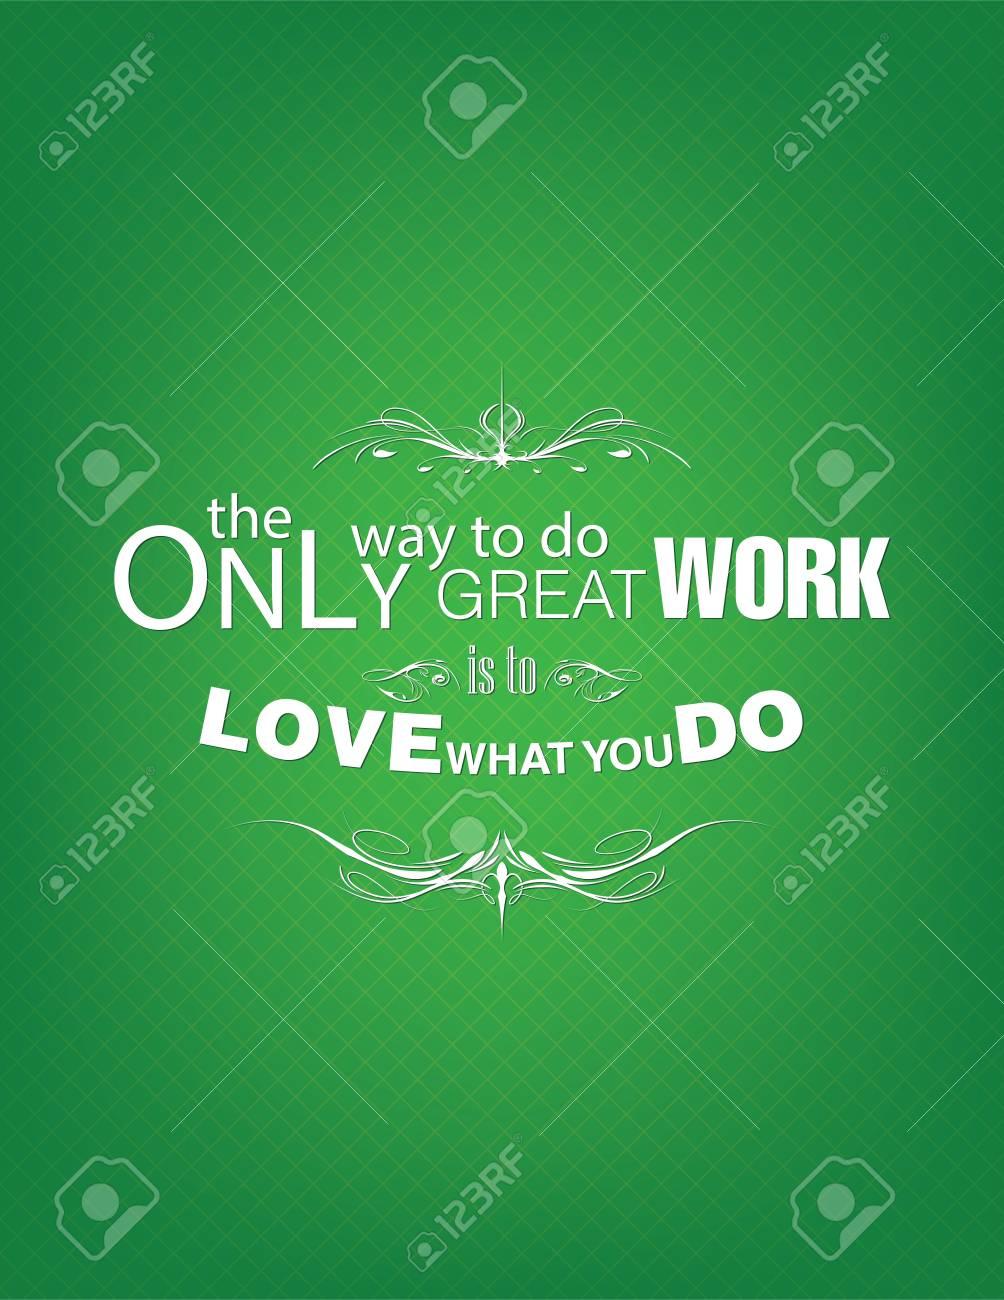 La única Forma De Hacer Un Gran Trabajo Es Amar Lo Que Haces Cartel Motivacional